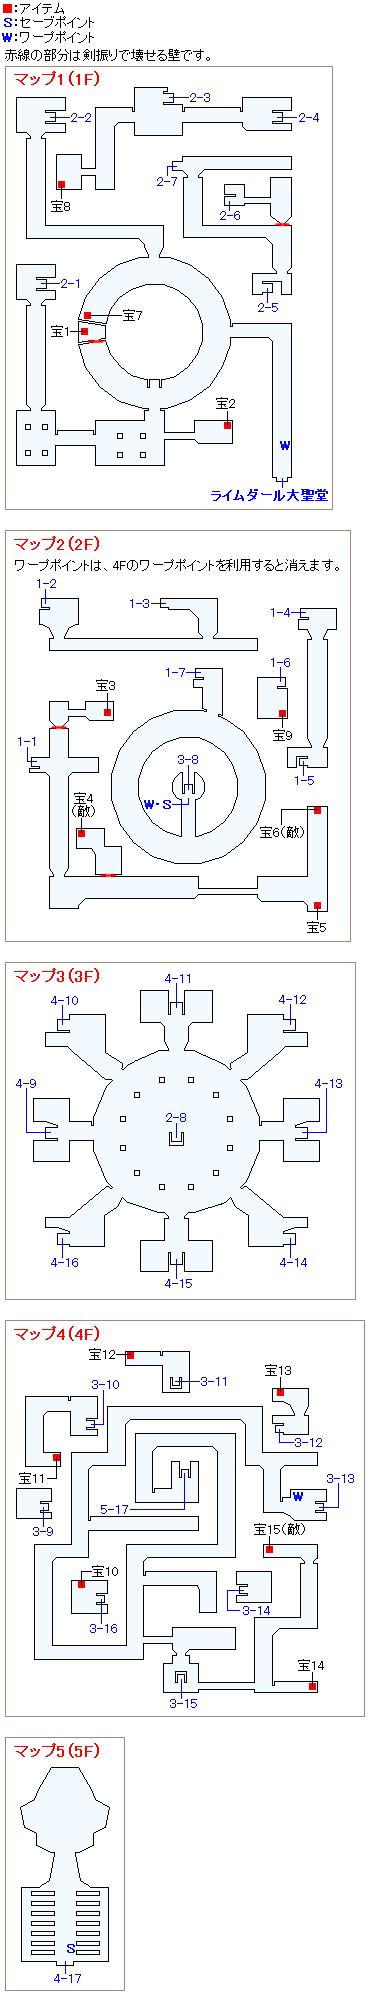 大聖堂内部のマップ画像